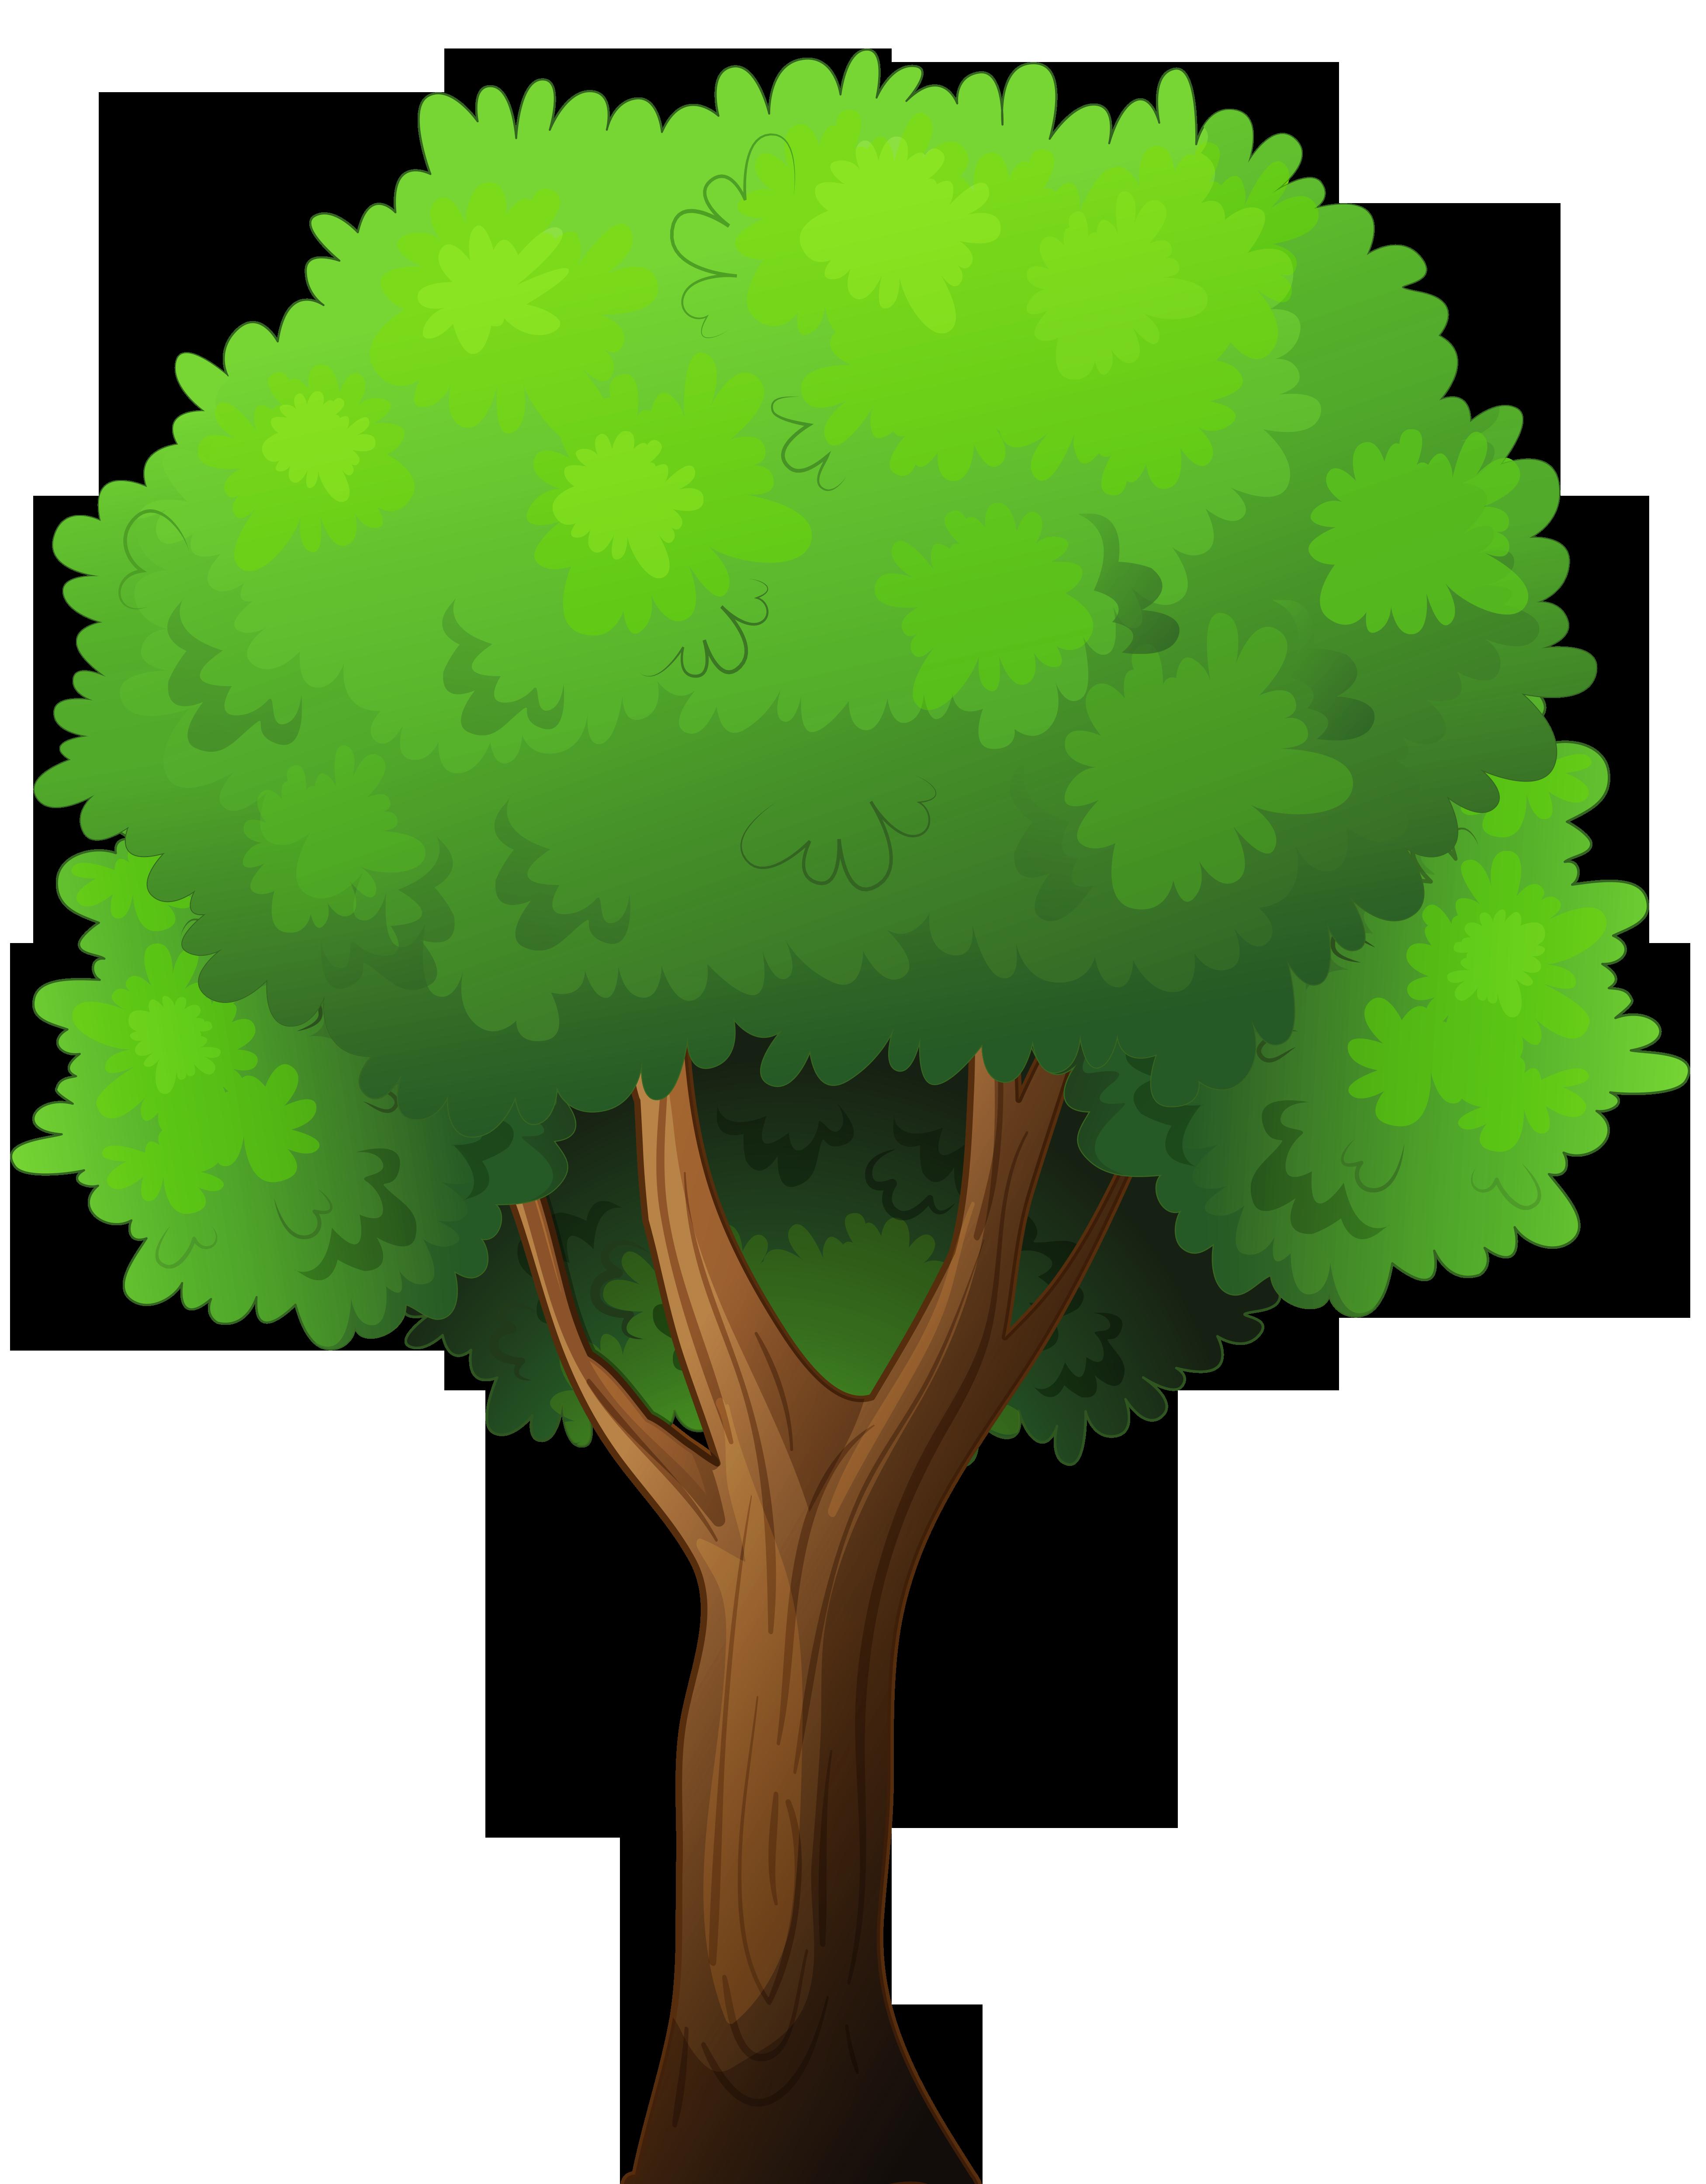 Tree Clip Art u0026amp; Tree Clip Art Cl-Tree Clip Art u0026amp; Tree Clip Art Clip Art Images - ClipartALL clipartall.com-9